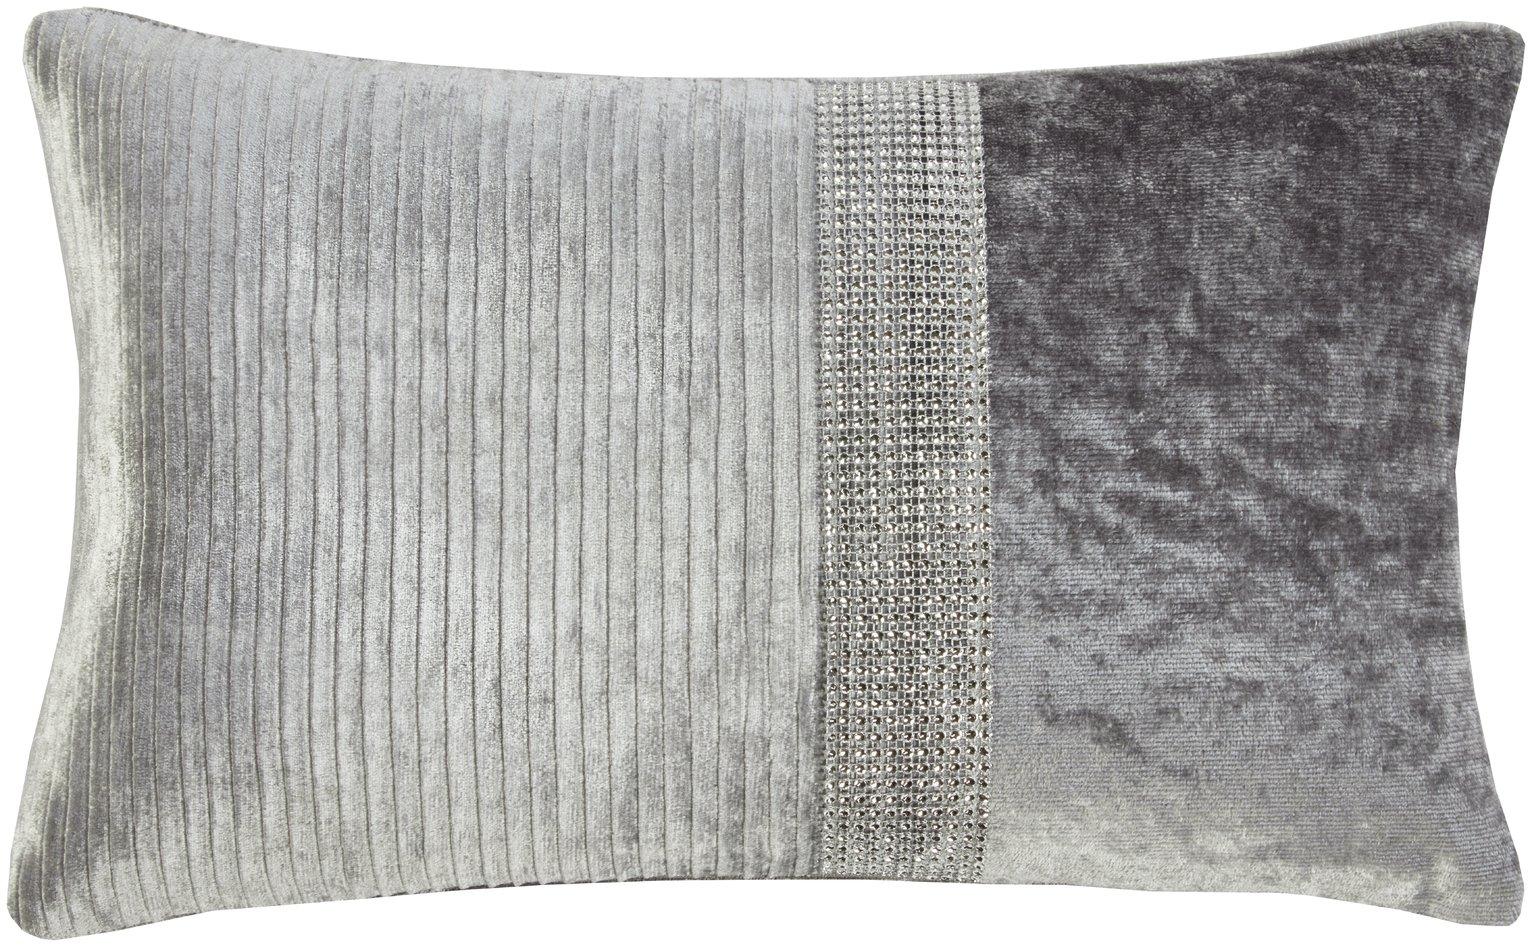 Julian Charles Lia Silver Boudoir Cushion - 50x30cm